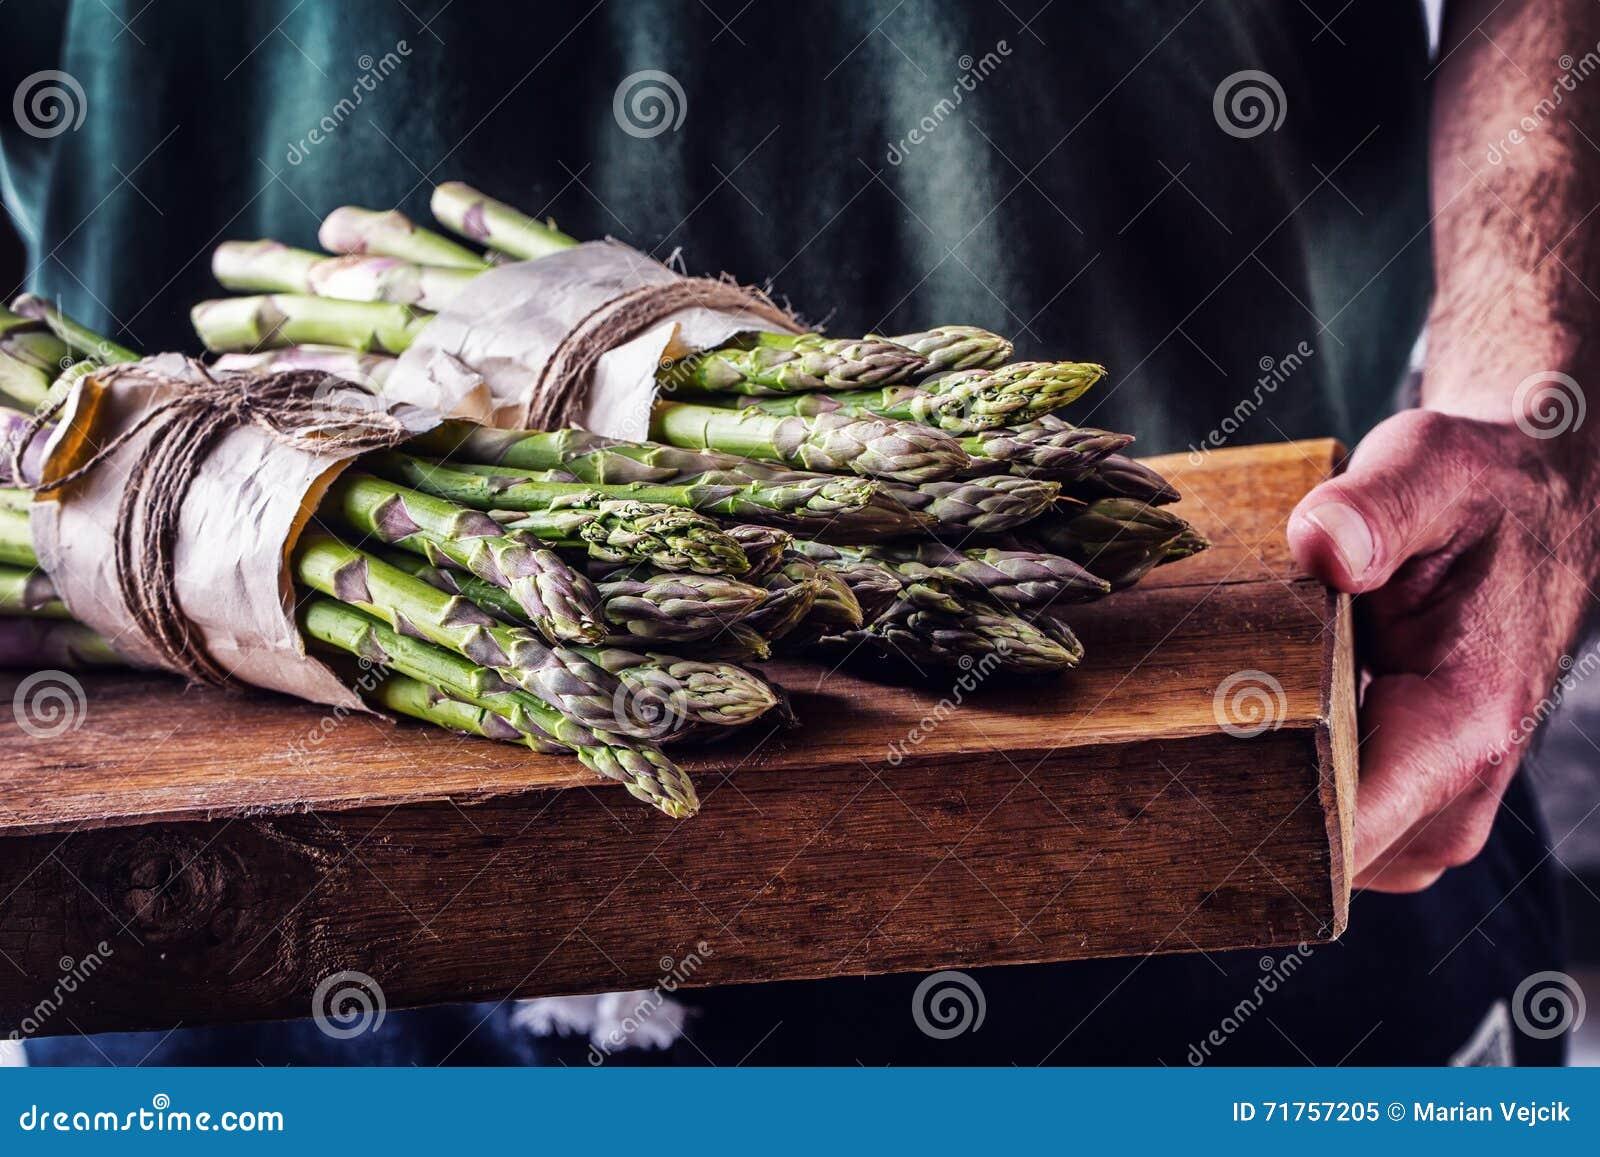 Asparago Asparago grezzo Asparago fresco Asparago verde Asparago legato in altre posizioni L agricoltore porta l asparago legato